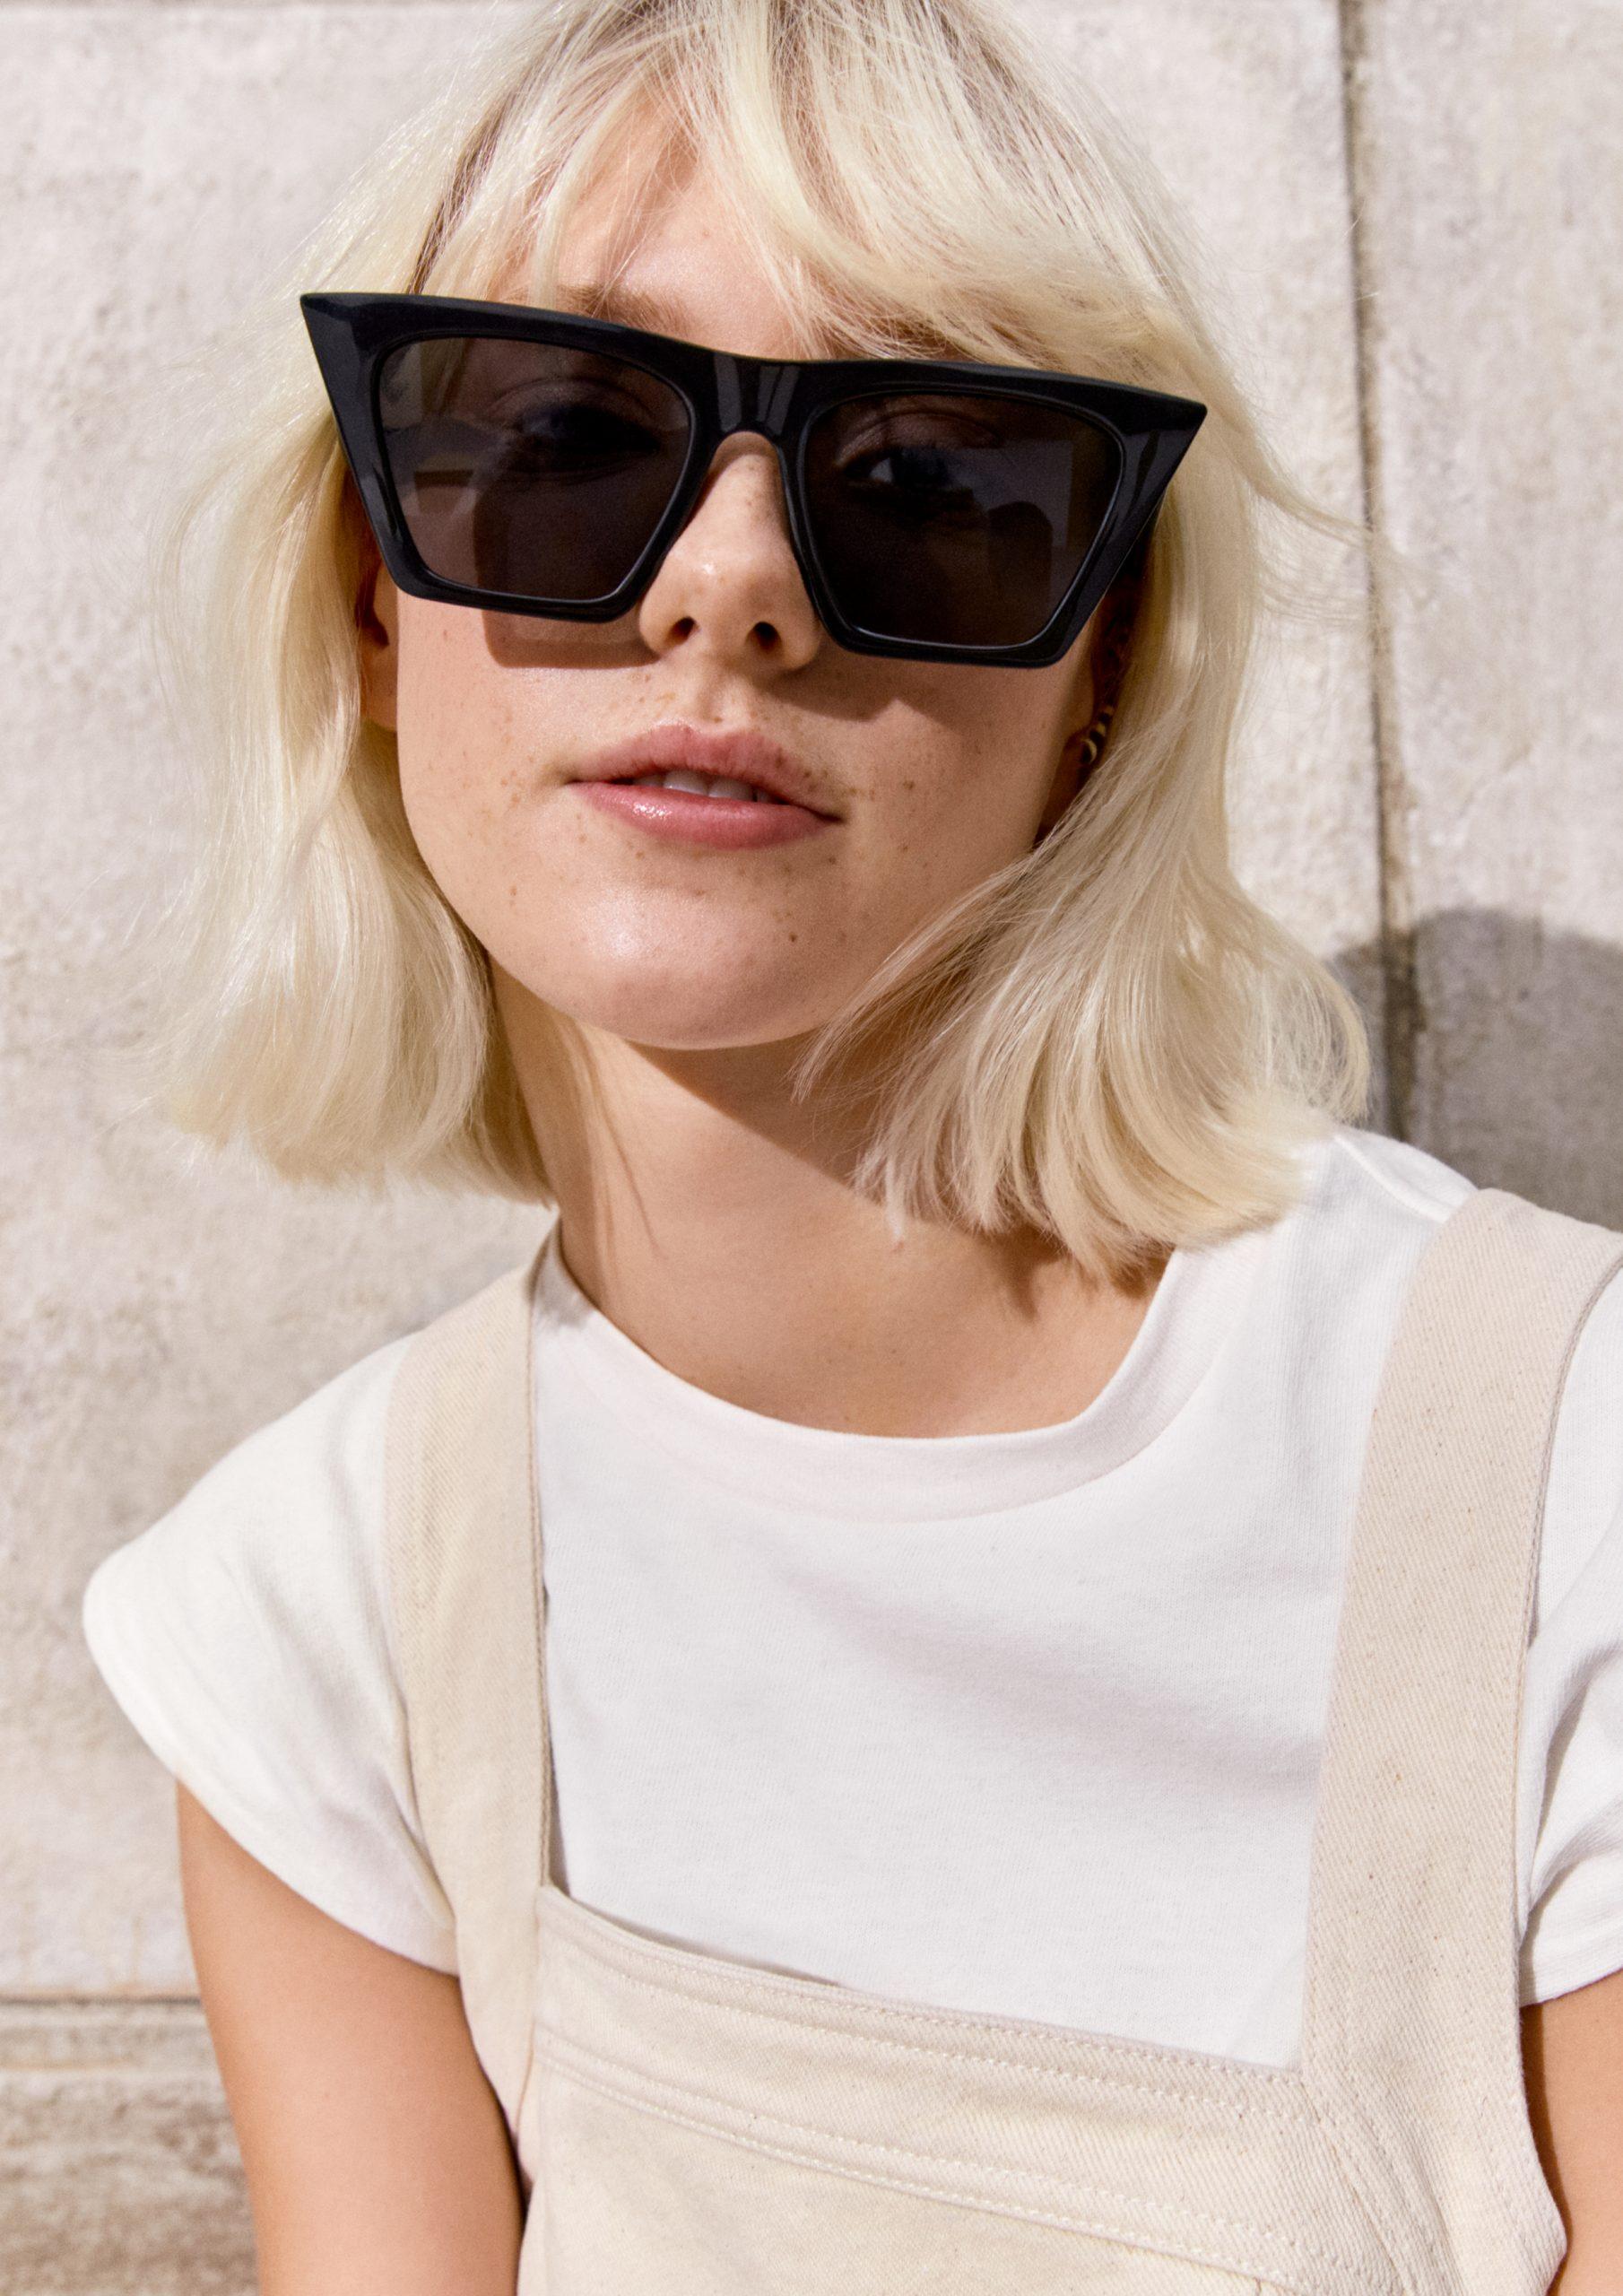 1103-Spring-Fashion-Portrait-Campaign-Images-300ppi-10